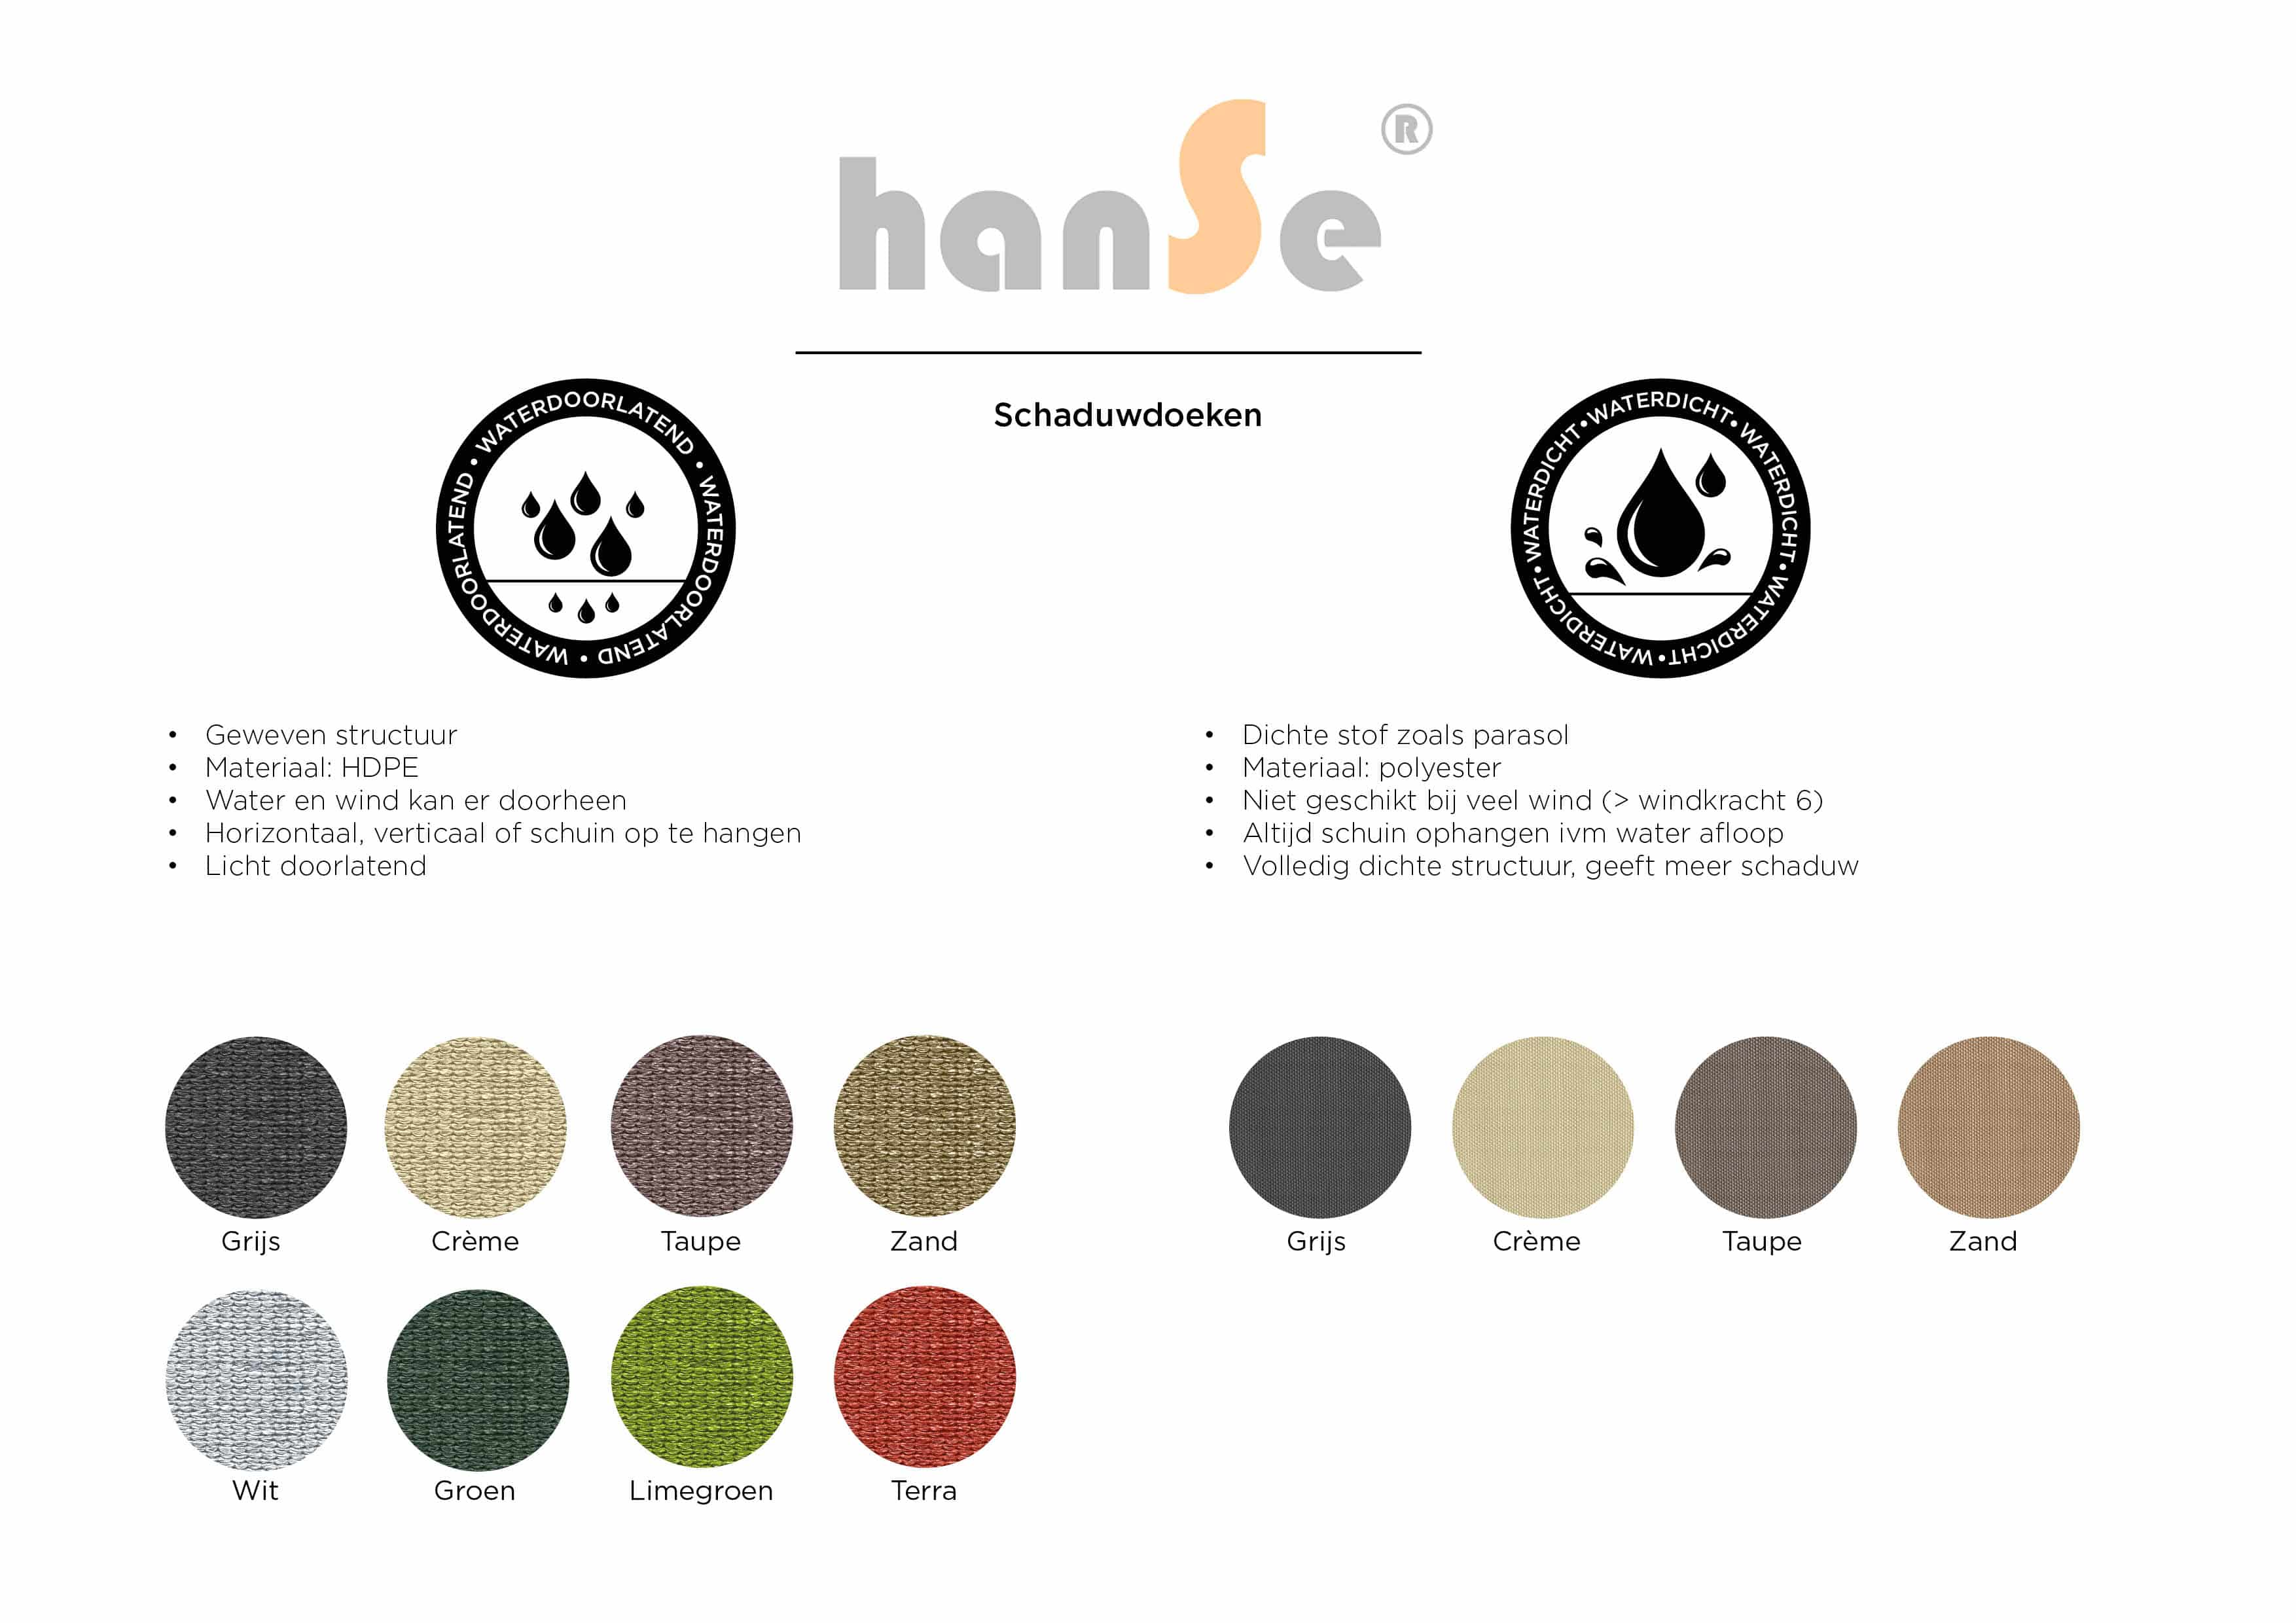 hanSe® Schaduwdoek Driehoek Waterdoorlatend 5x5x5 m - zonnedoek Taupe